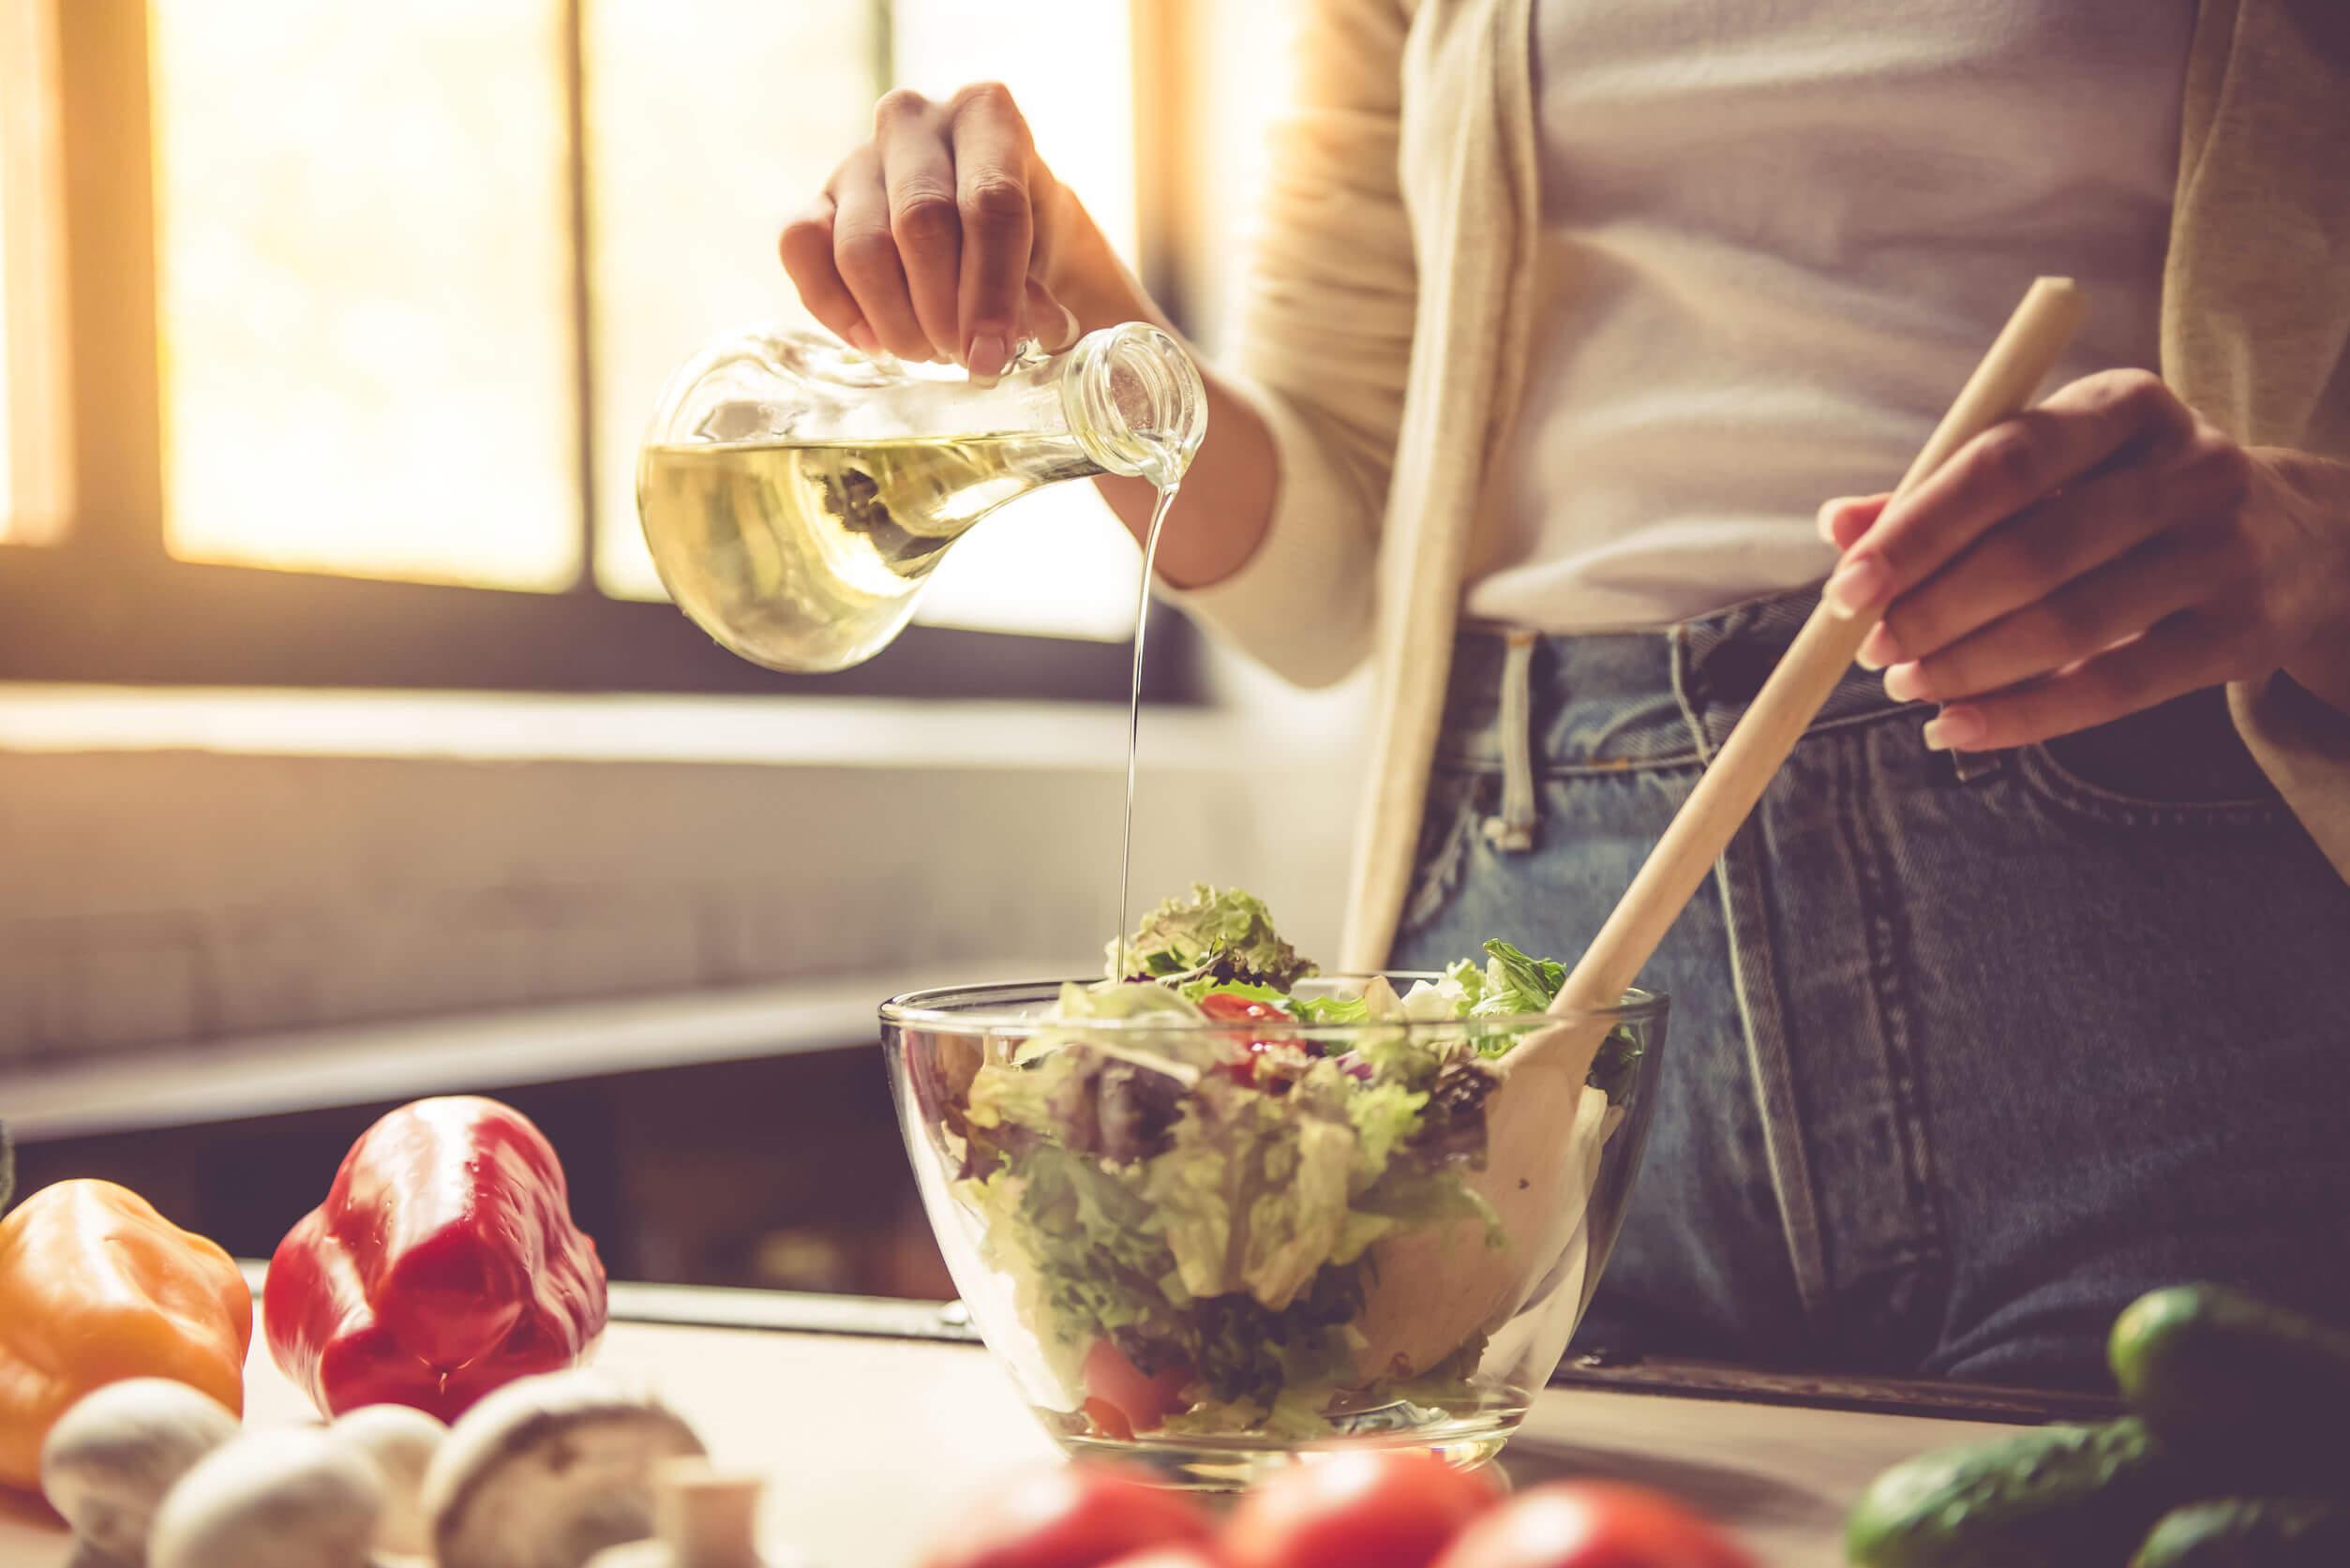 Reducir el consumo de carne con ensalada es posible.